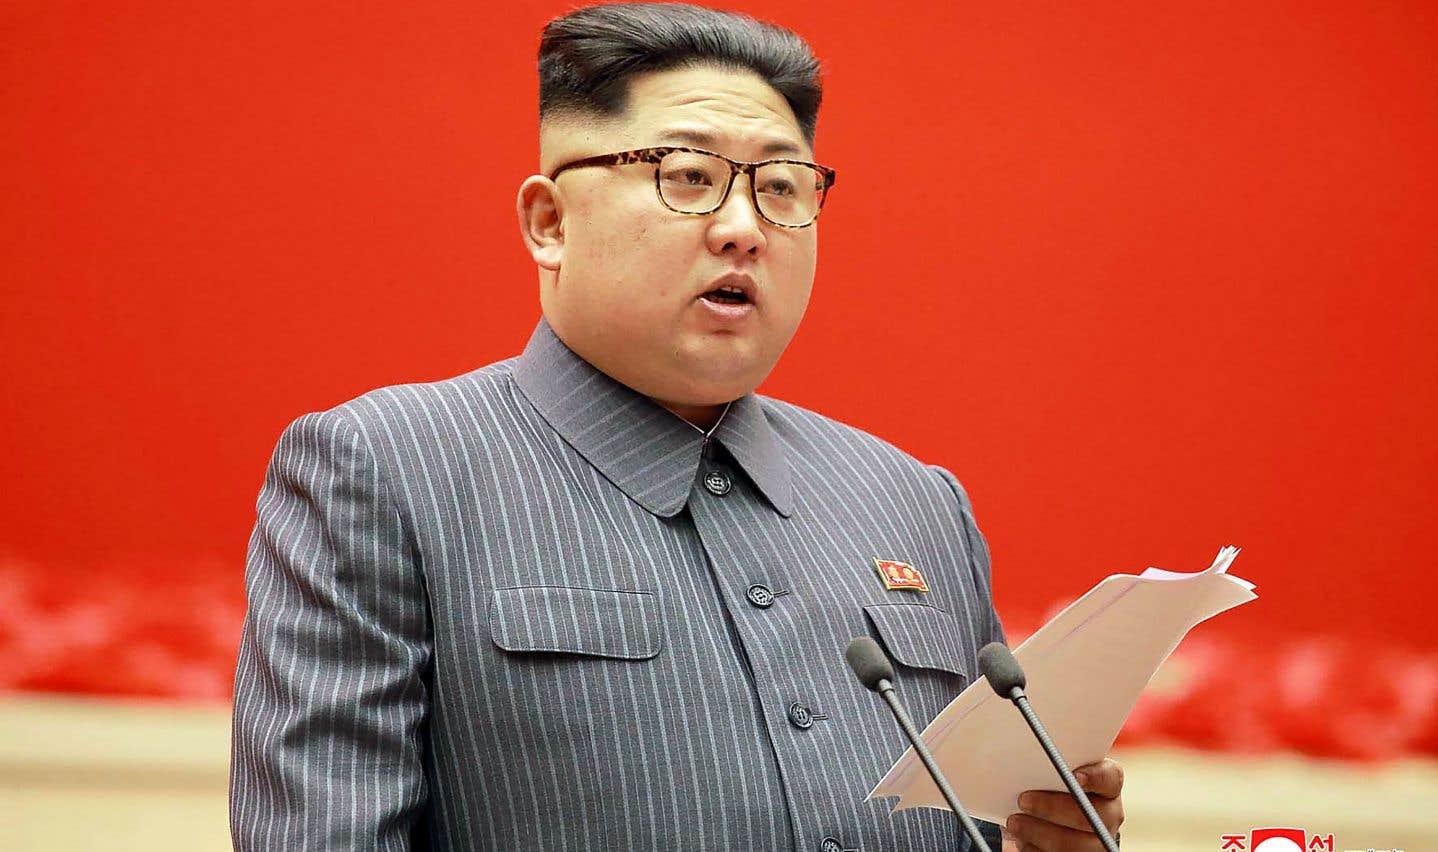 Le Conseil en est à son neuvième train de sanctions onusiennes contre le régime nord-coréen du leader Kim Jong-un.